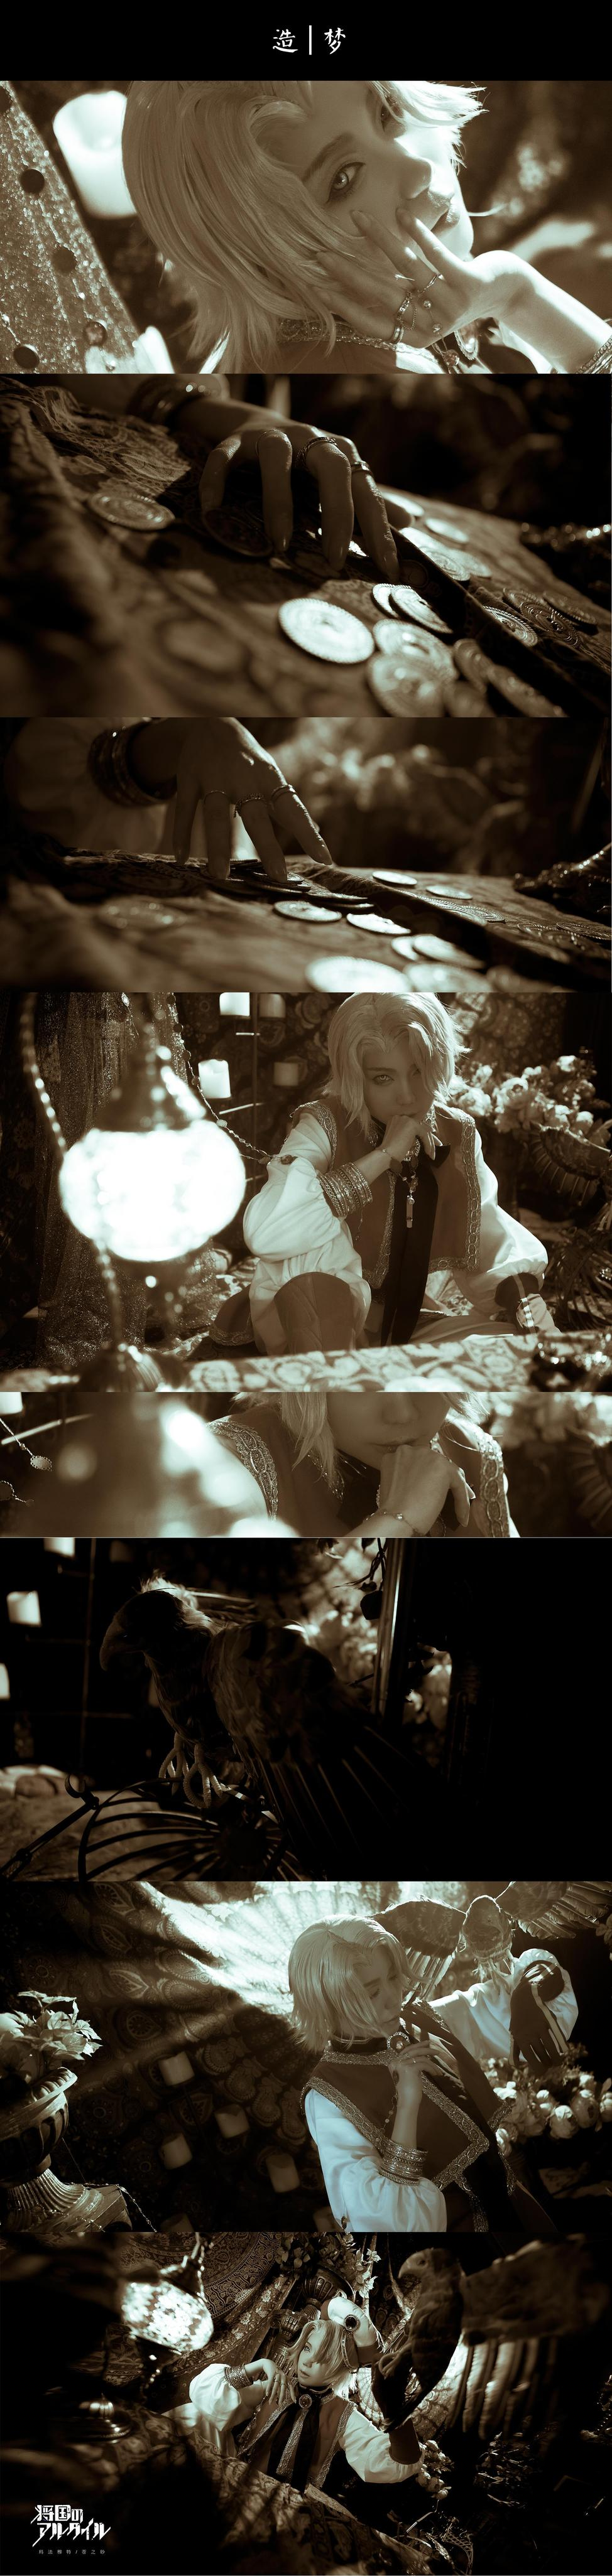 《将国之天鹰星》正片cosplay【CN:苍之砂】 -50支cosplay男装图片插图